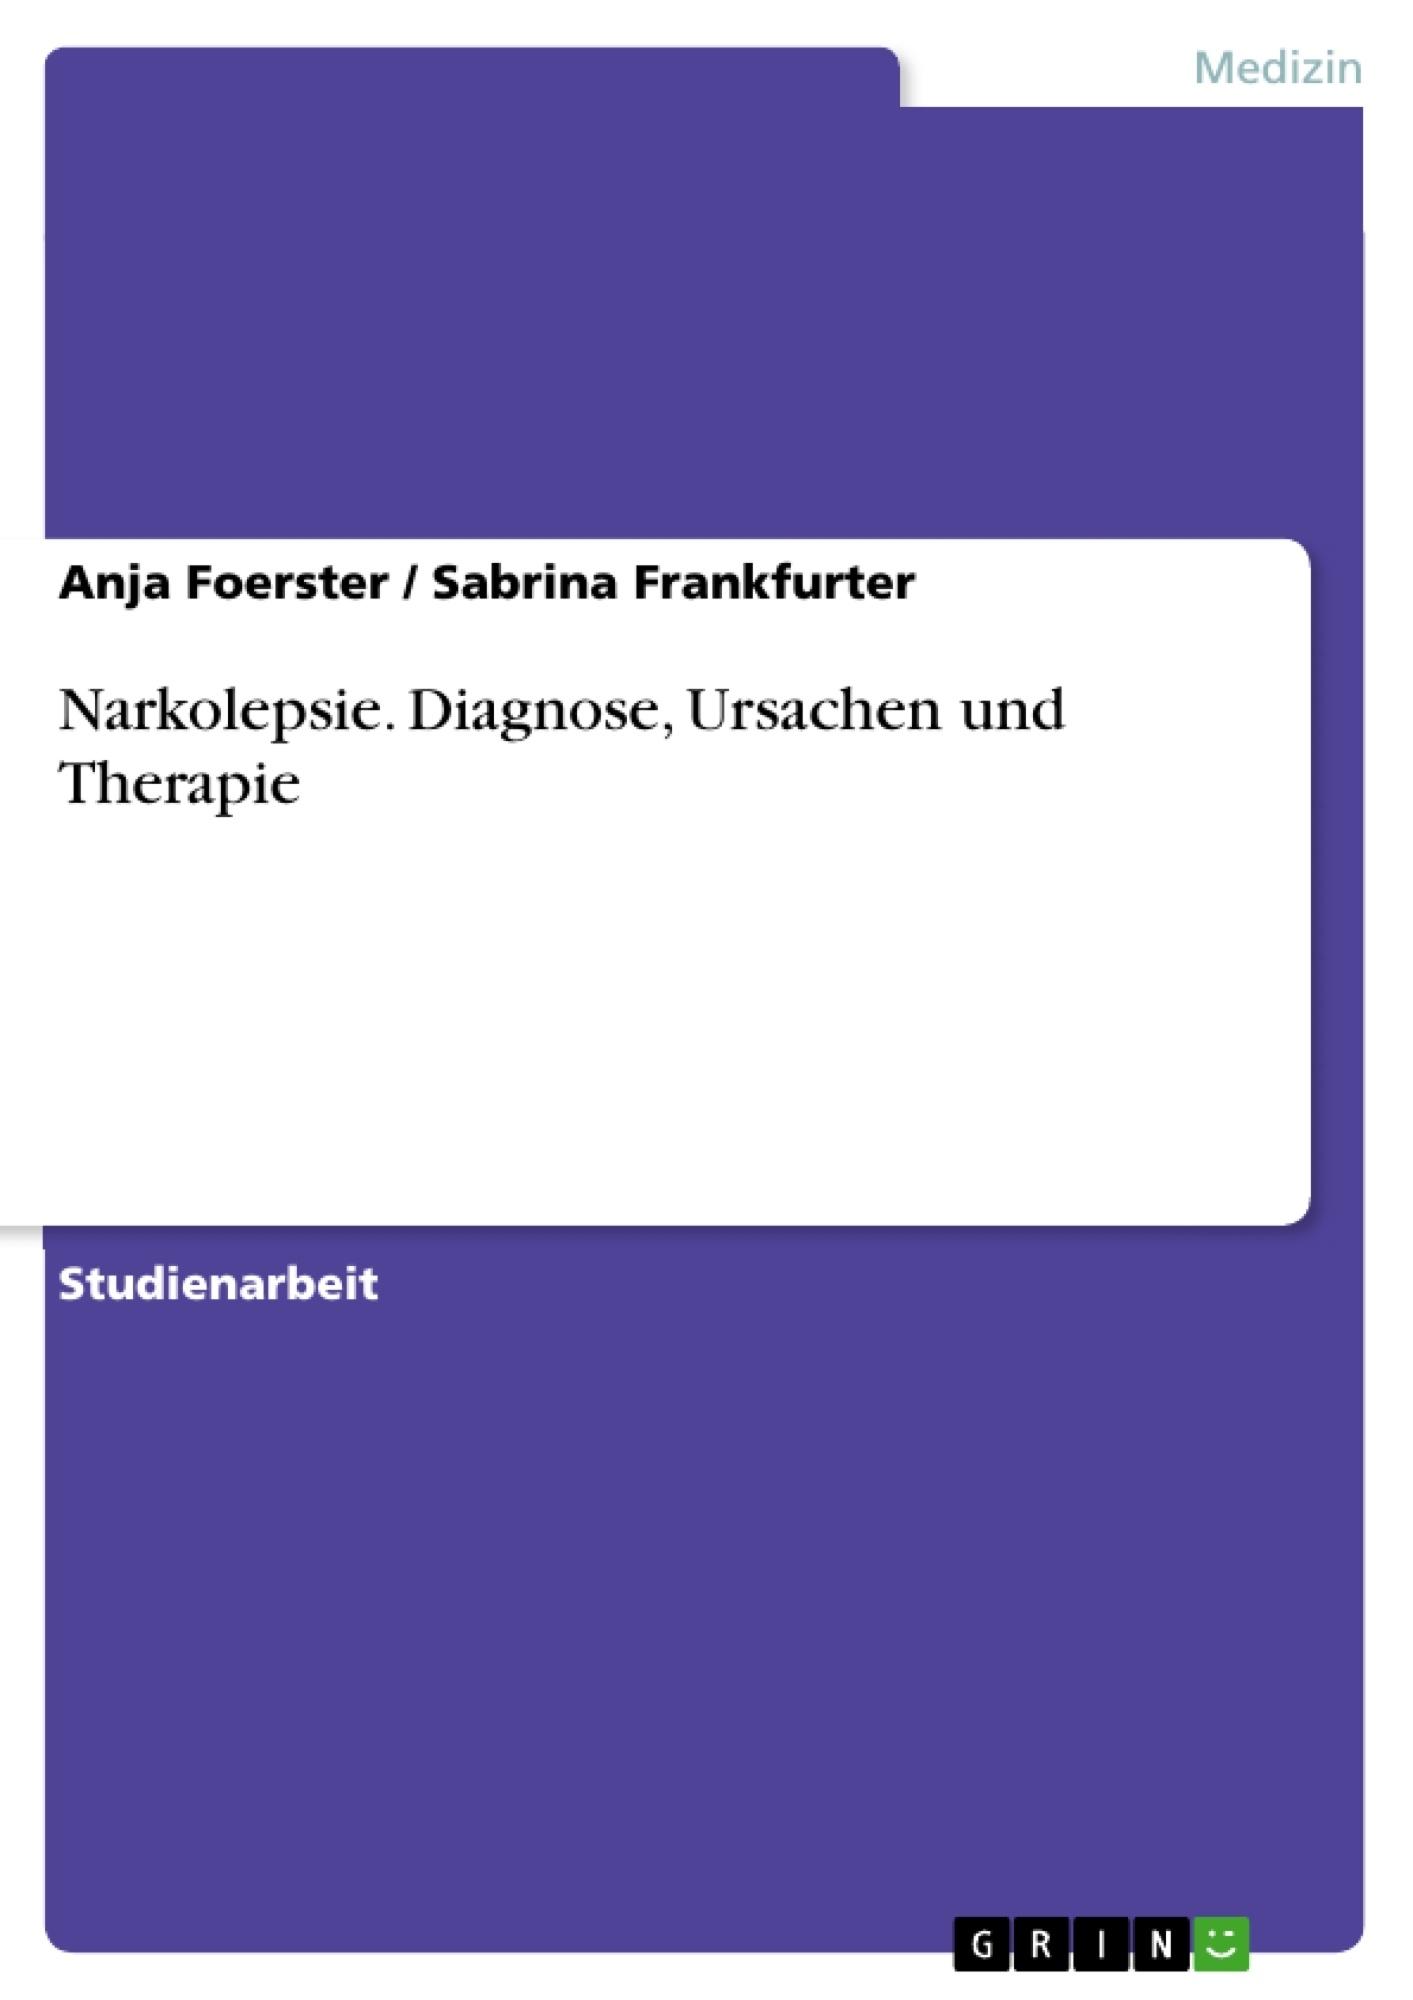 Titel: Narkolepsie. Diagnose, Ursachen und Therapie